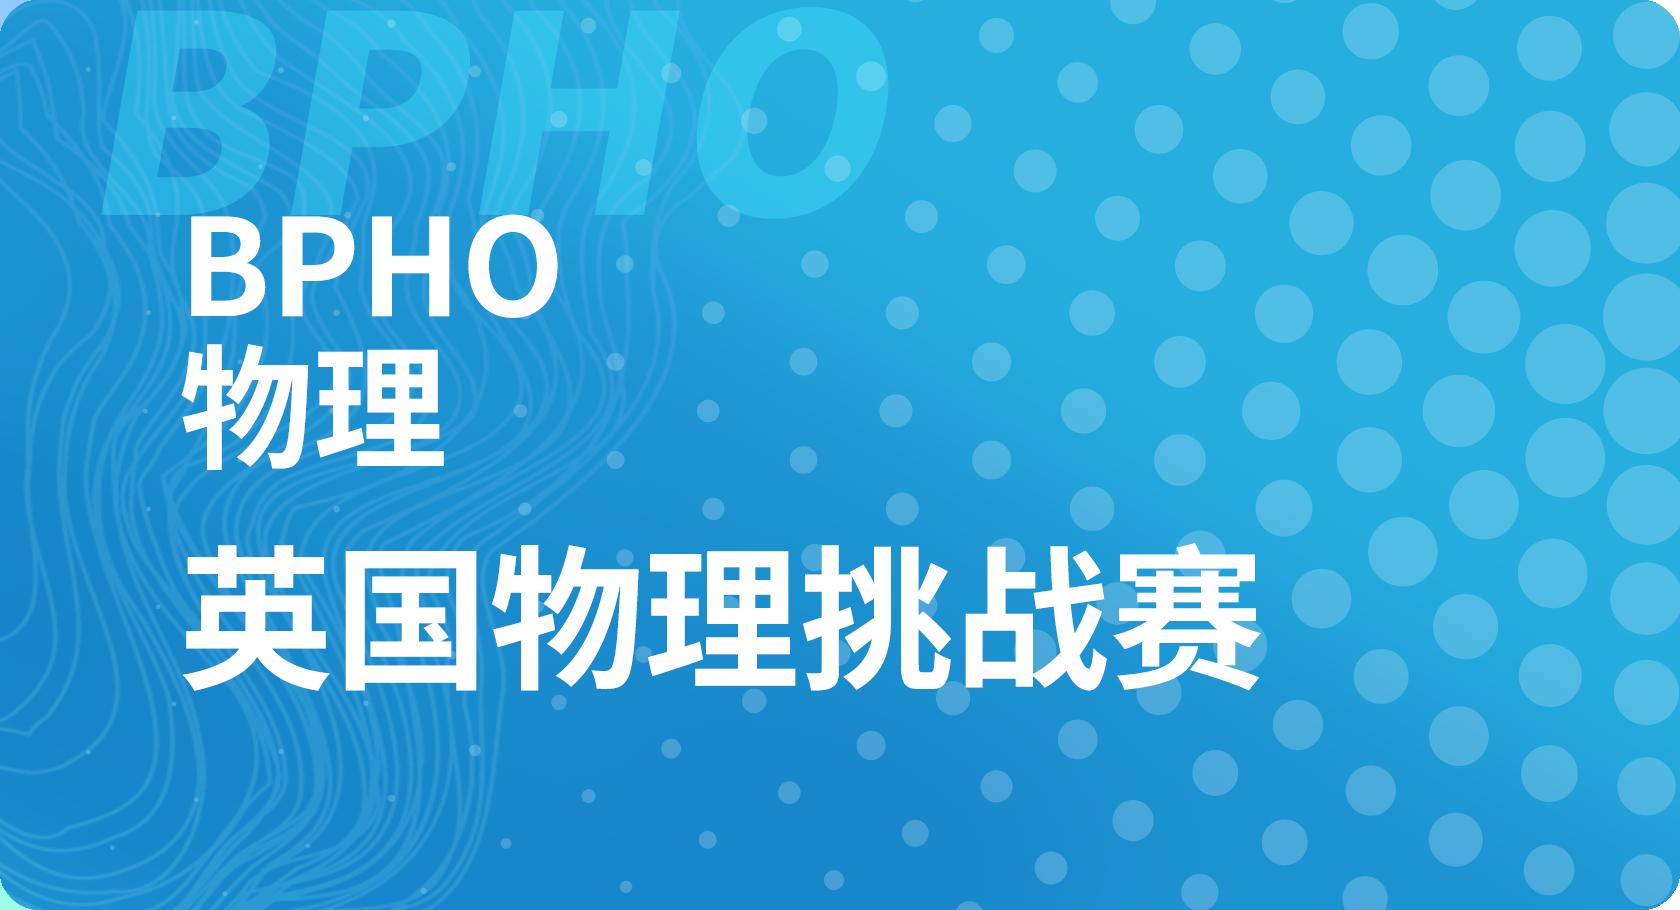 英国BPHO物理挑战赛